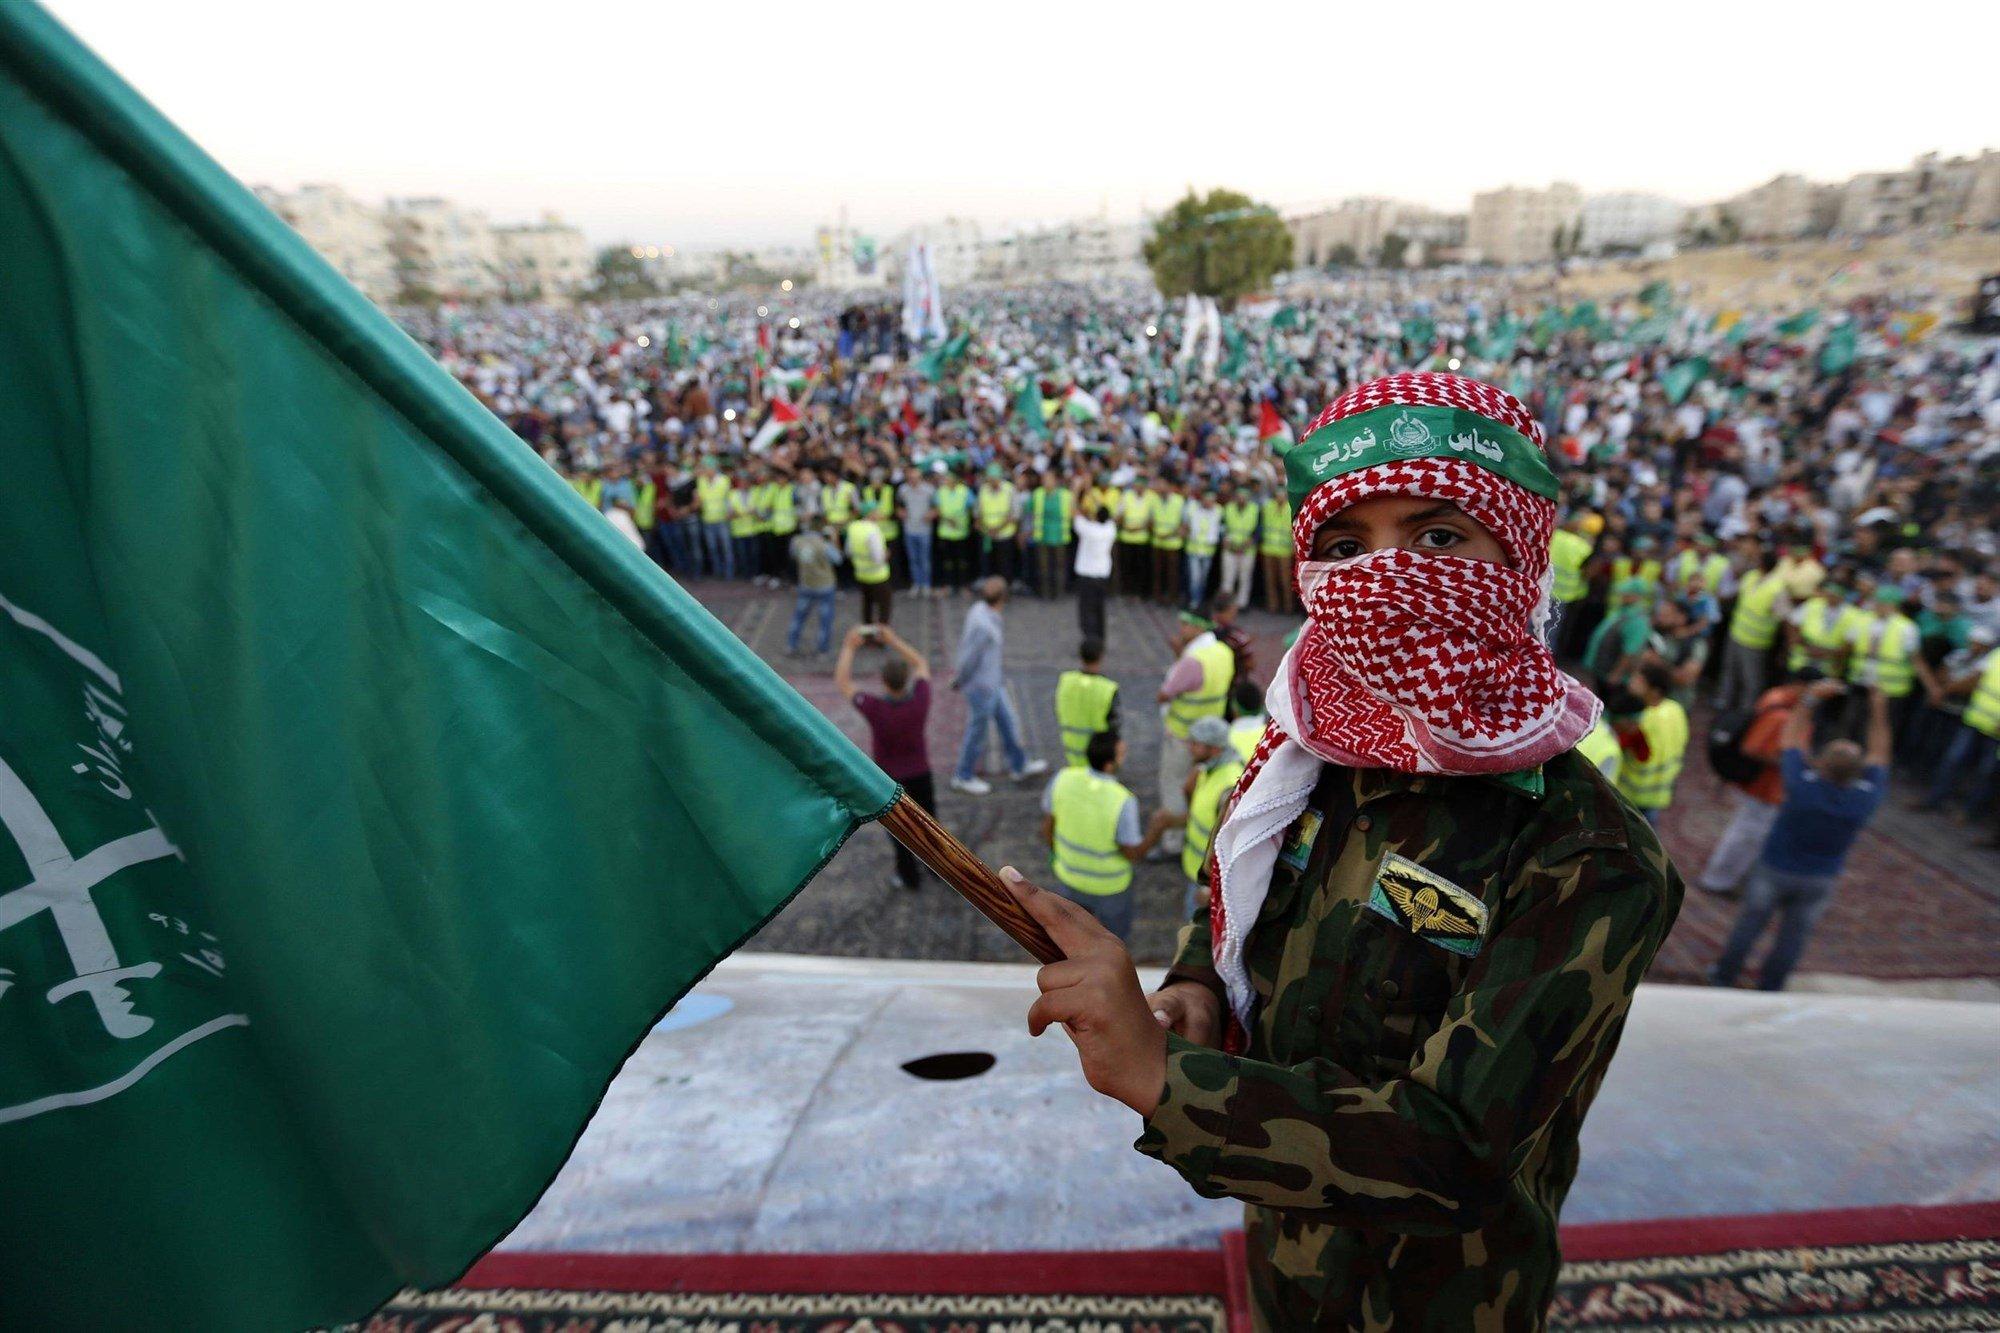 140809 Muslim Brotherhood 0645 9b35be42f20ebed7a373a83cb76cdb5d.fit 2000w